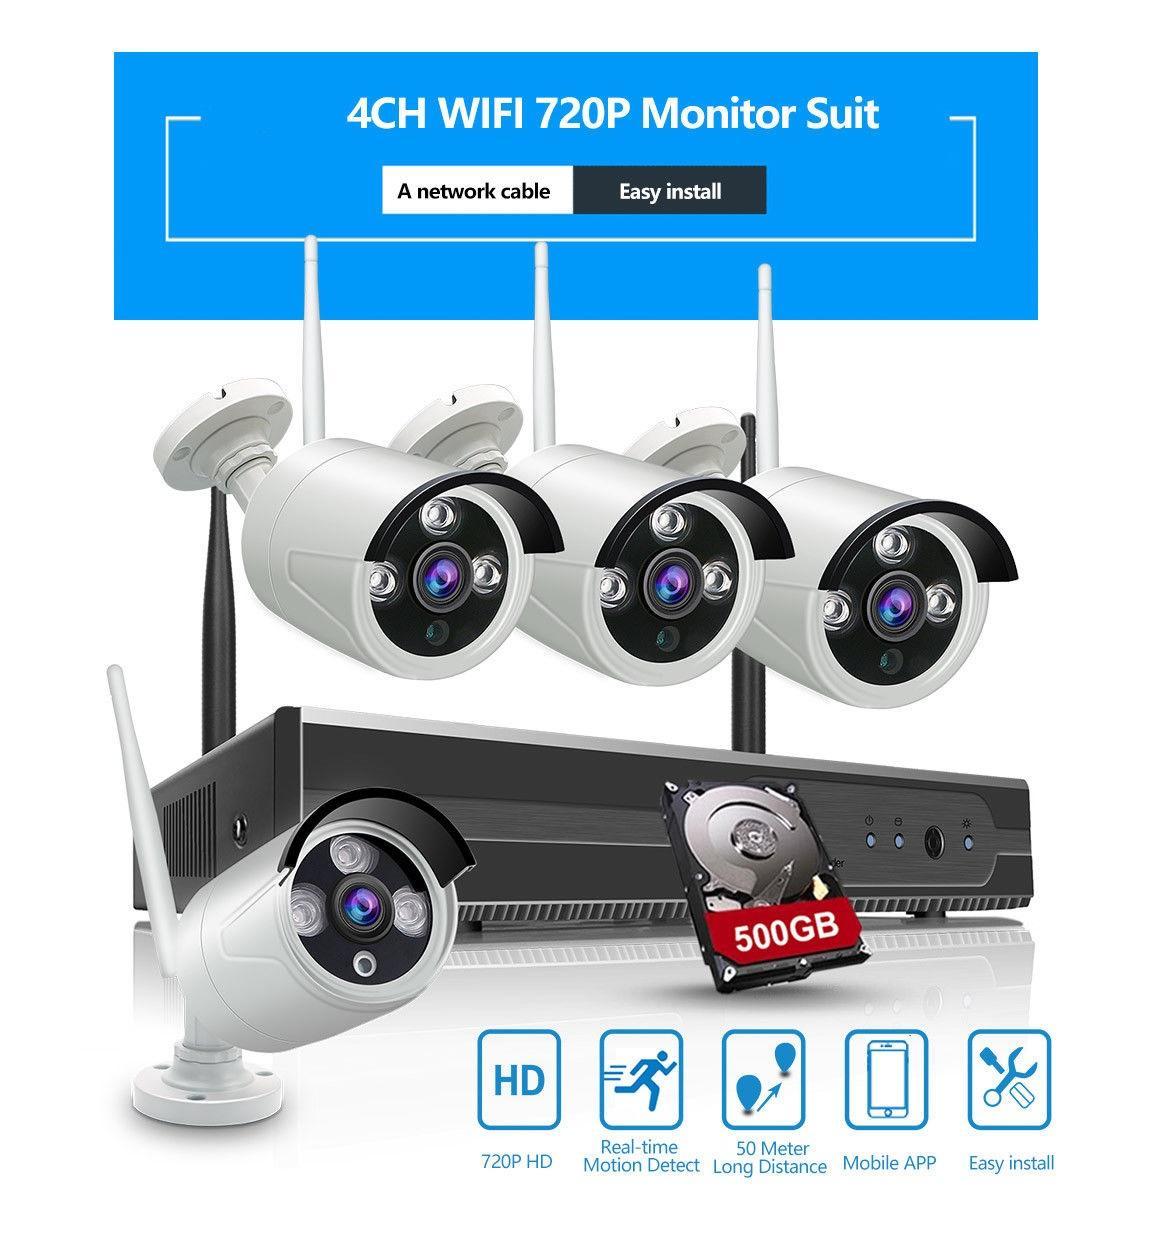 Giá Bán Bộ 4 Camera Wifi 720P Đầu Ghi Nvr Hd Tặng Ổ Cứng Lưu Trữ 500Gb Hồ Chí Minh